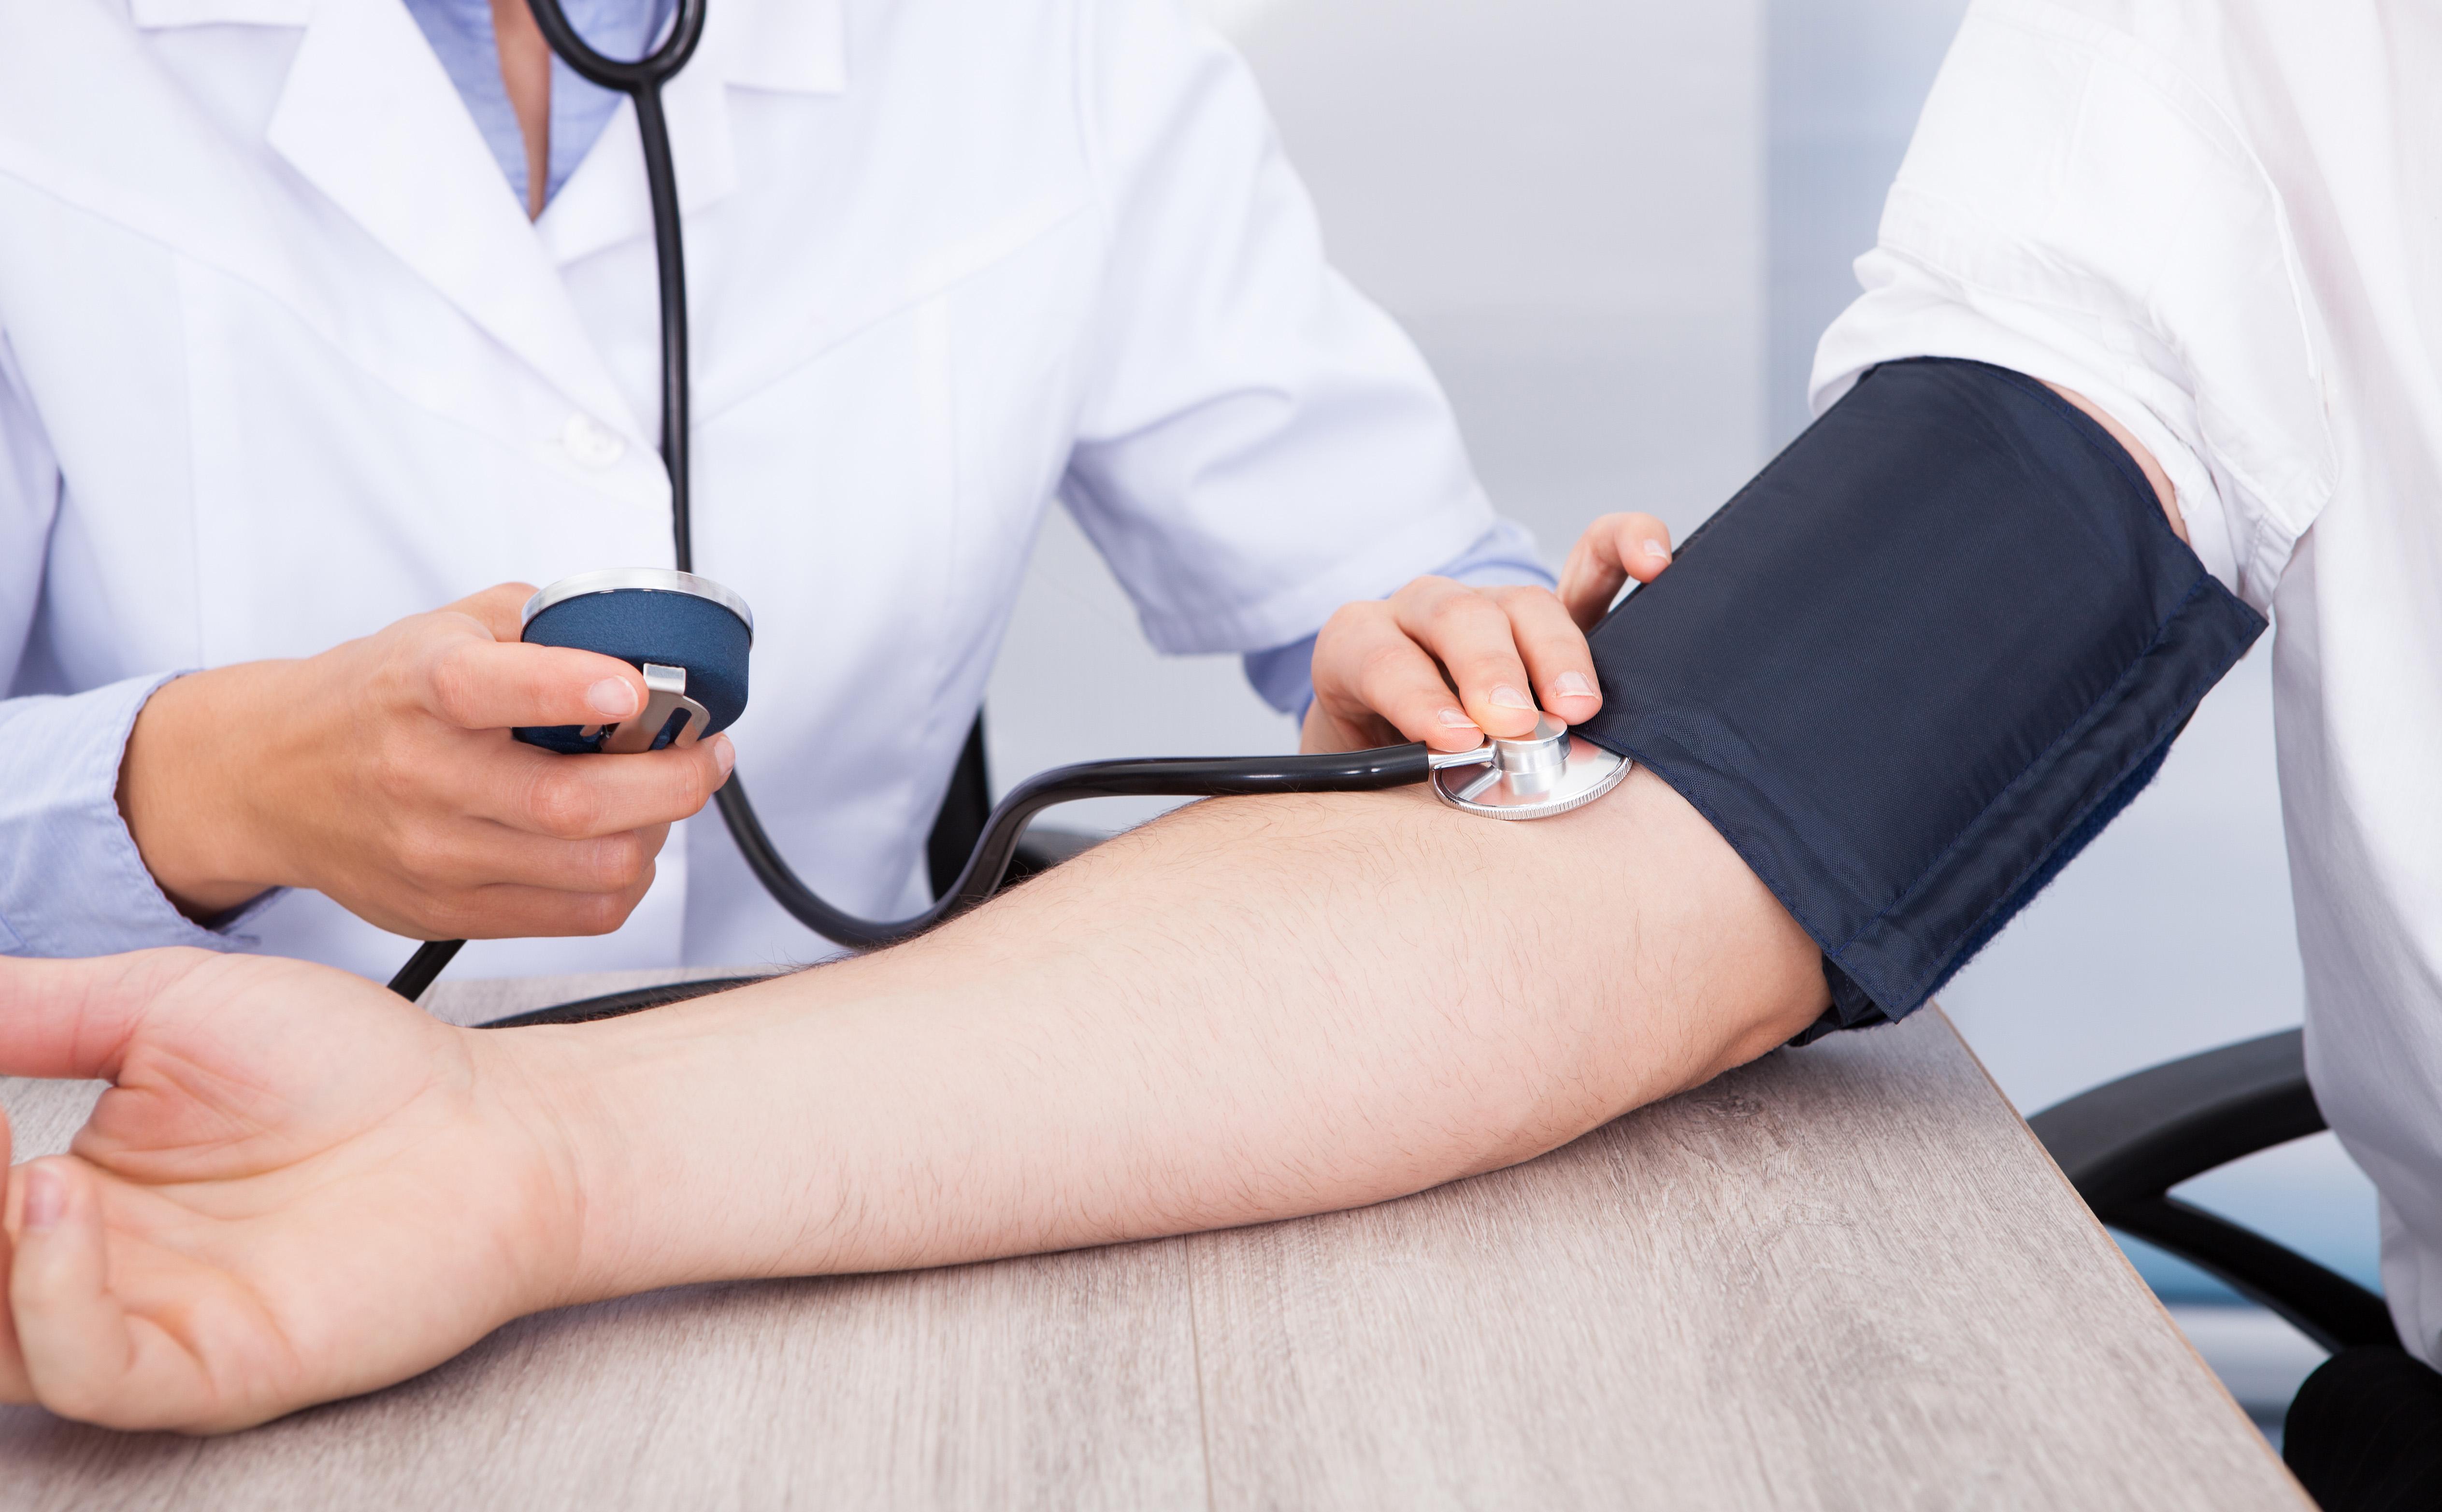 hagyományos orvoslás - magas vérnyomás kezelése magas vérnyomás 3 1 fokozatú kockázat 4